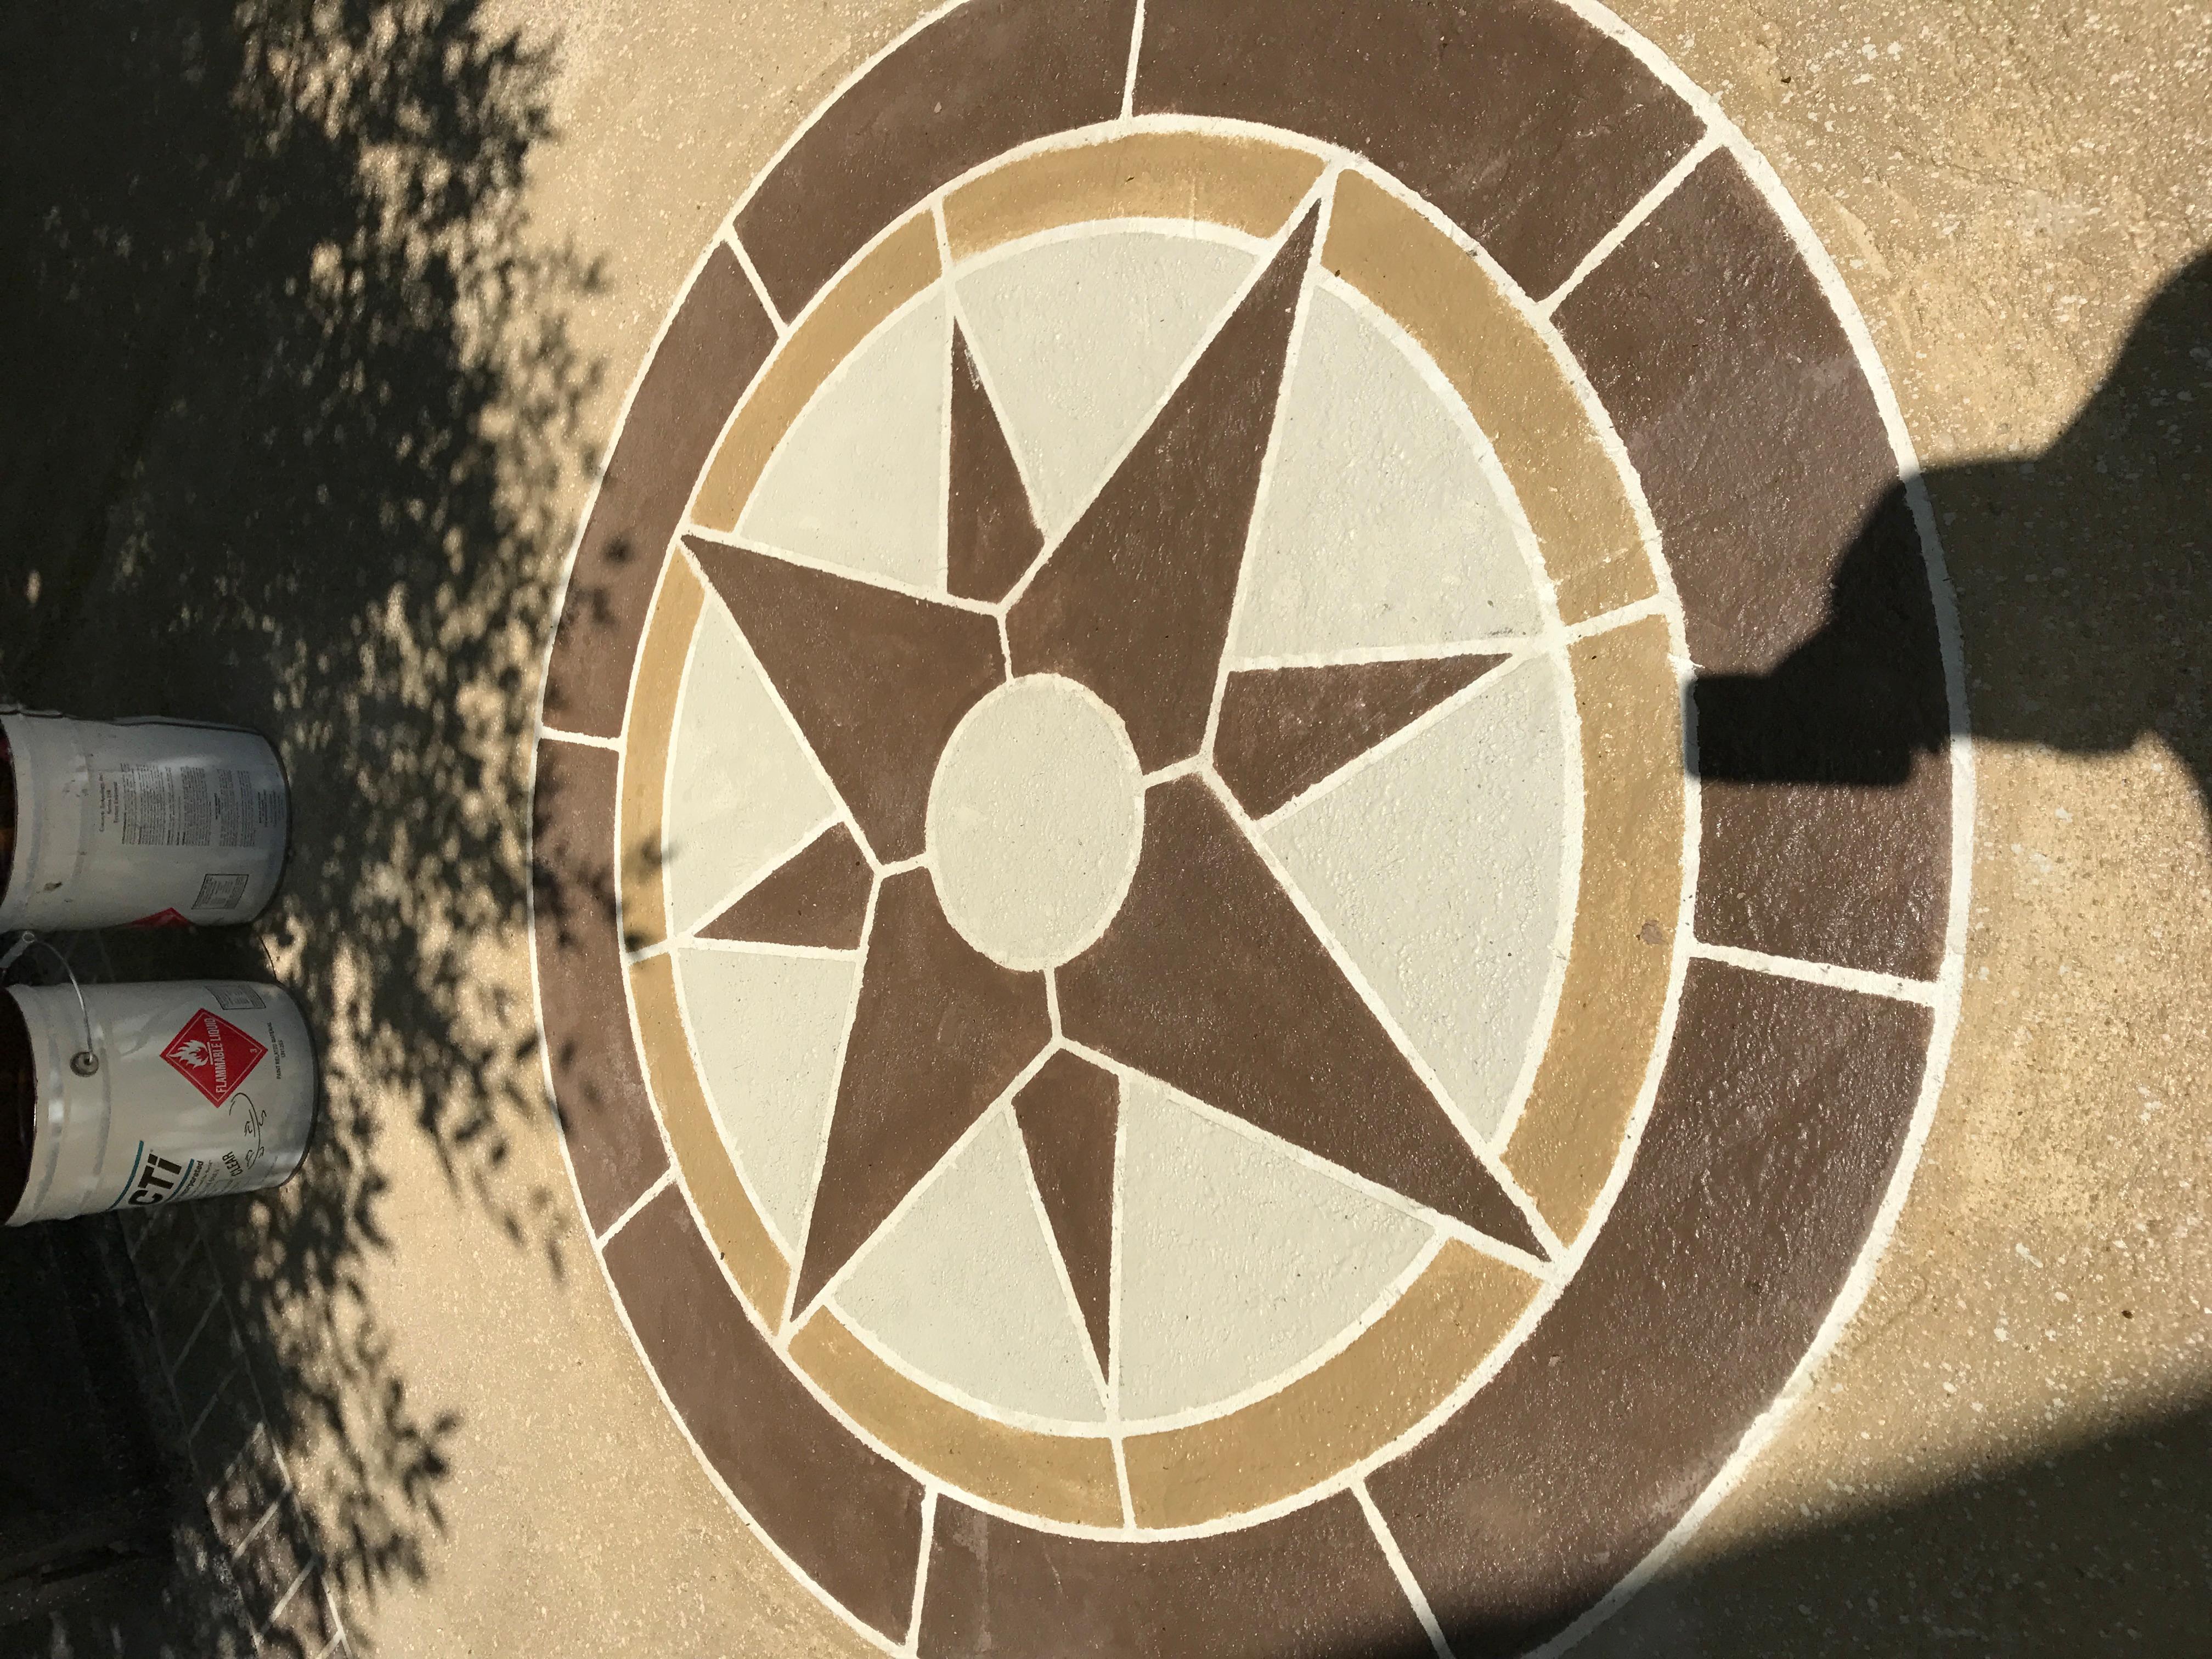 Turoc Concrete Designs image 25